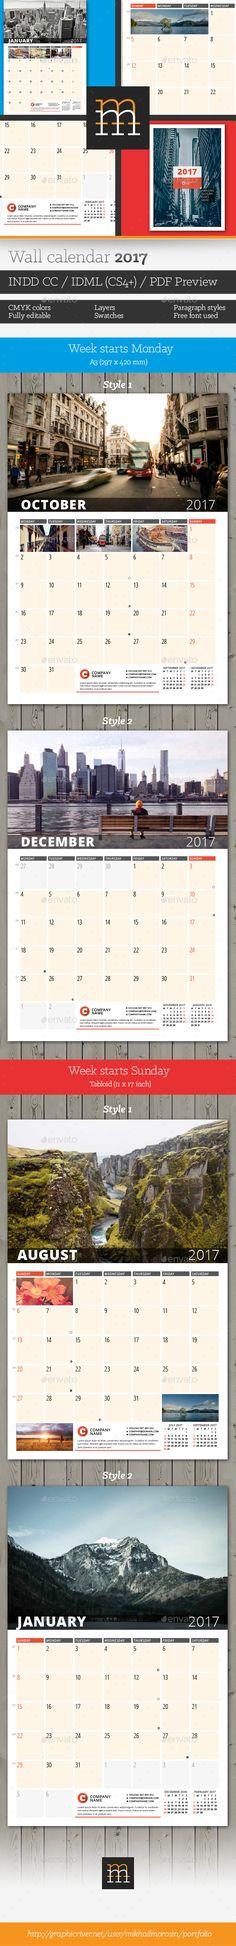 Wall calendar a3 2018 v11 wall calendars as and calendar saigontimesfo